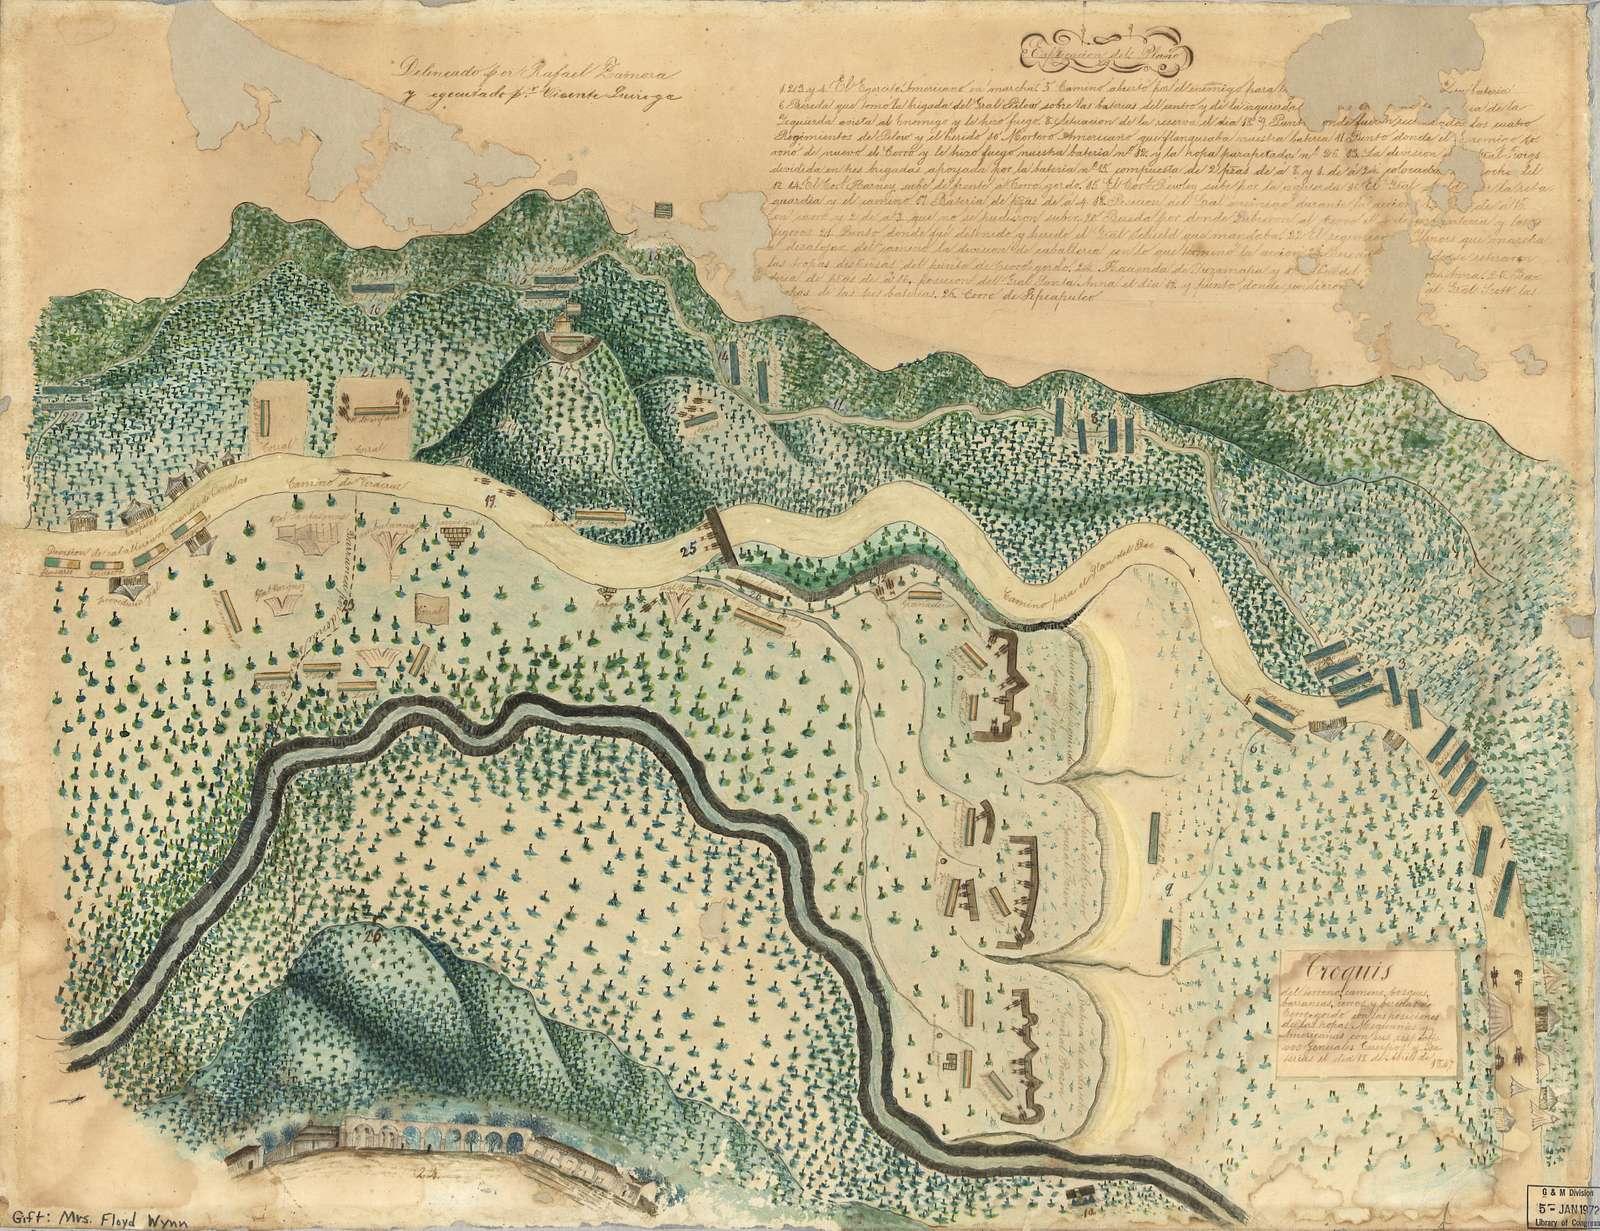 Croquis del terro, camino, bosques, barrancas, cerro y beredas de Cerro-gordo con las posiciones de las topas Mejicanas y Americanas con sus respectivos Generales Cuerpos y Baterias el dis 18 de Abril de 1847.